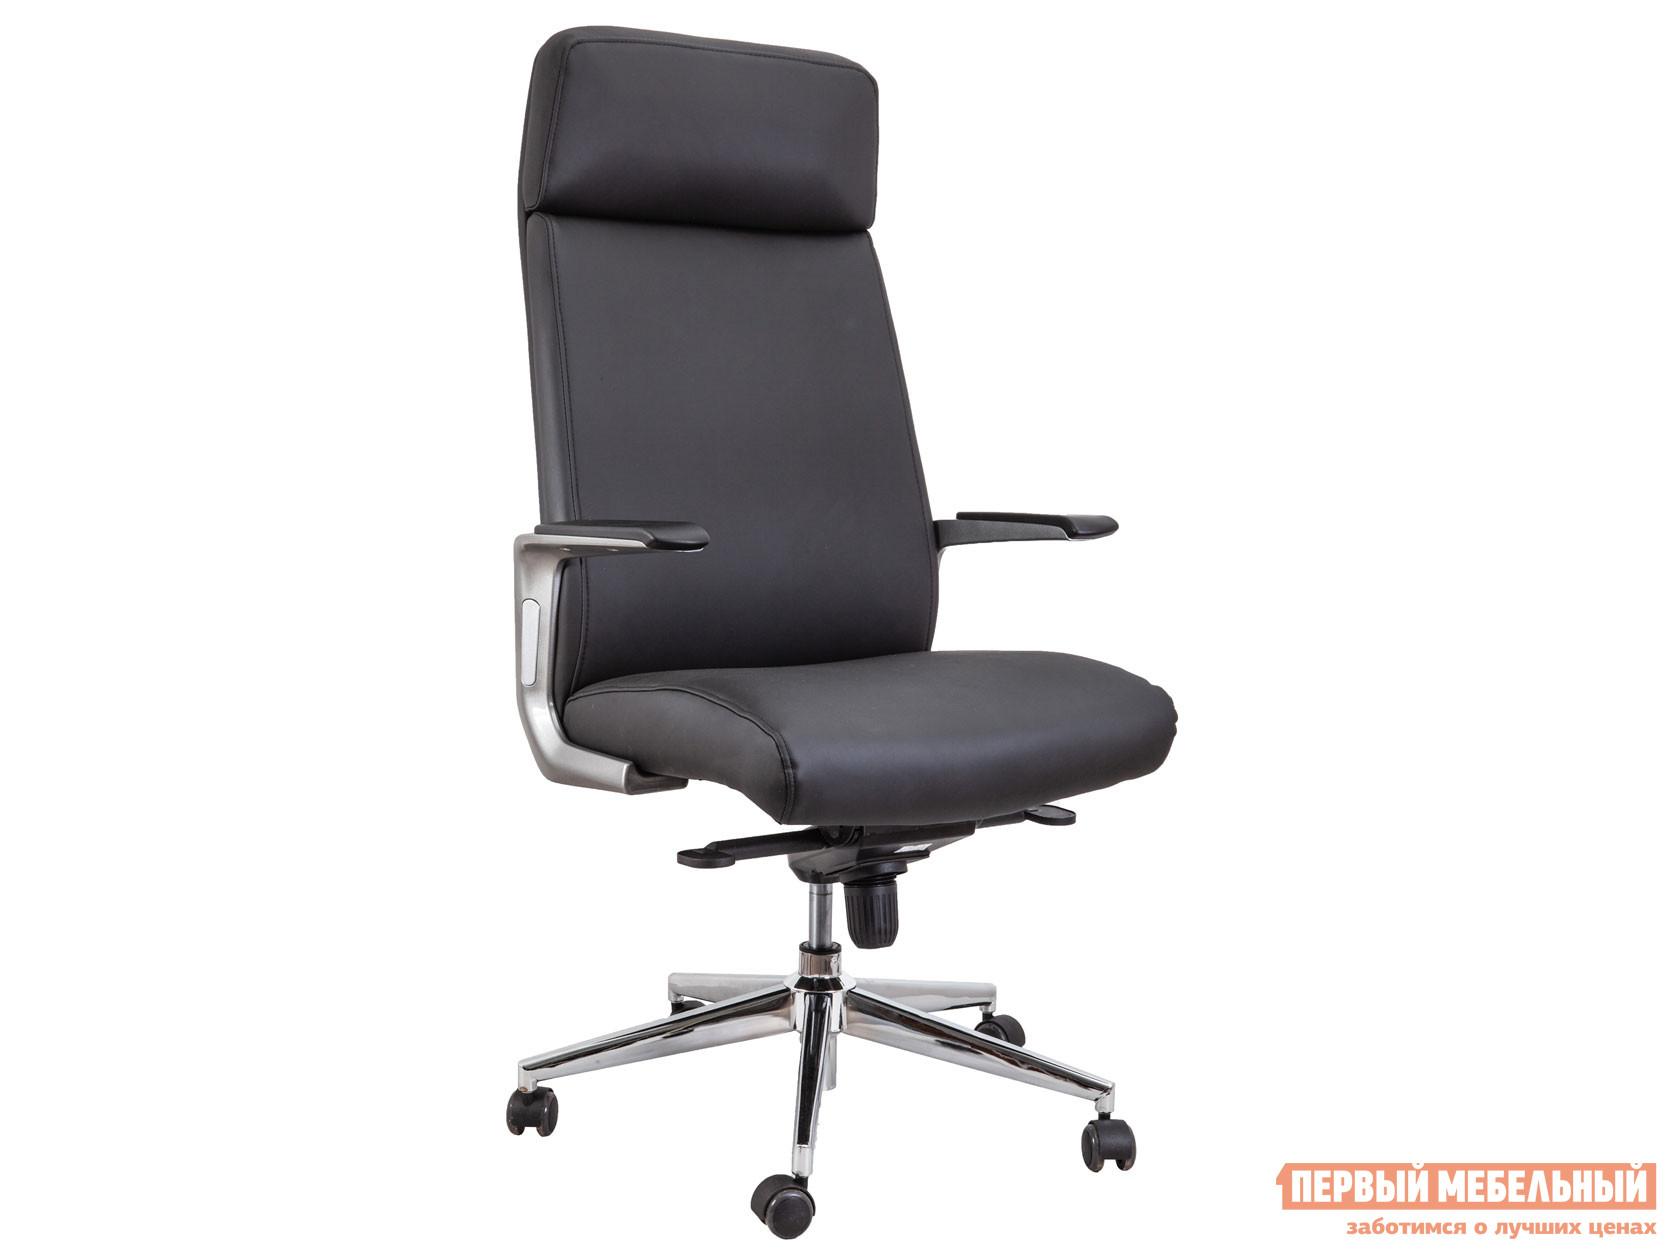 Кресло руководителя  ELADA Черный, экокожа Sedia 118024